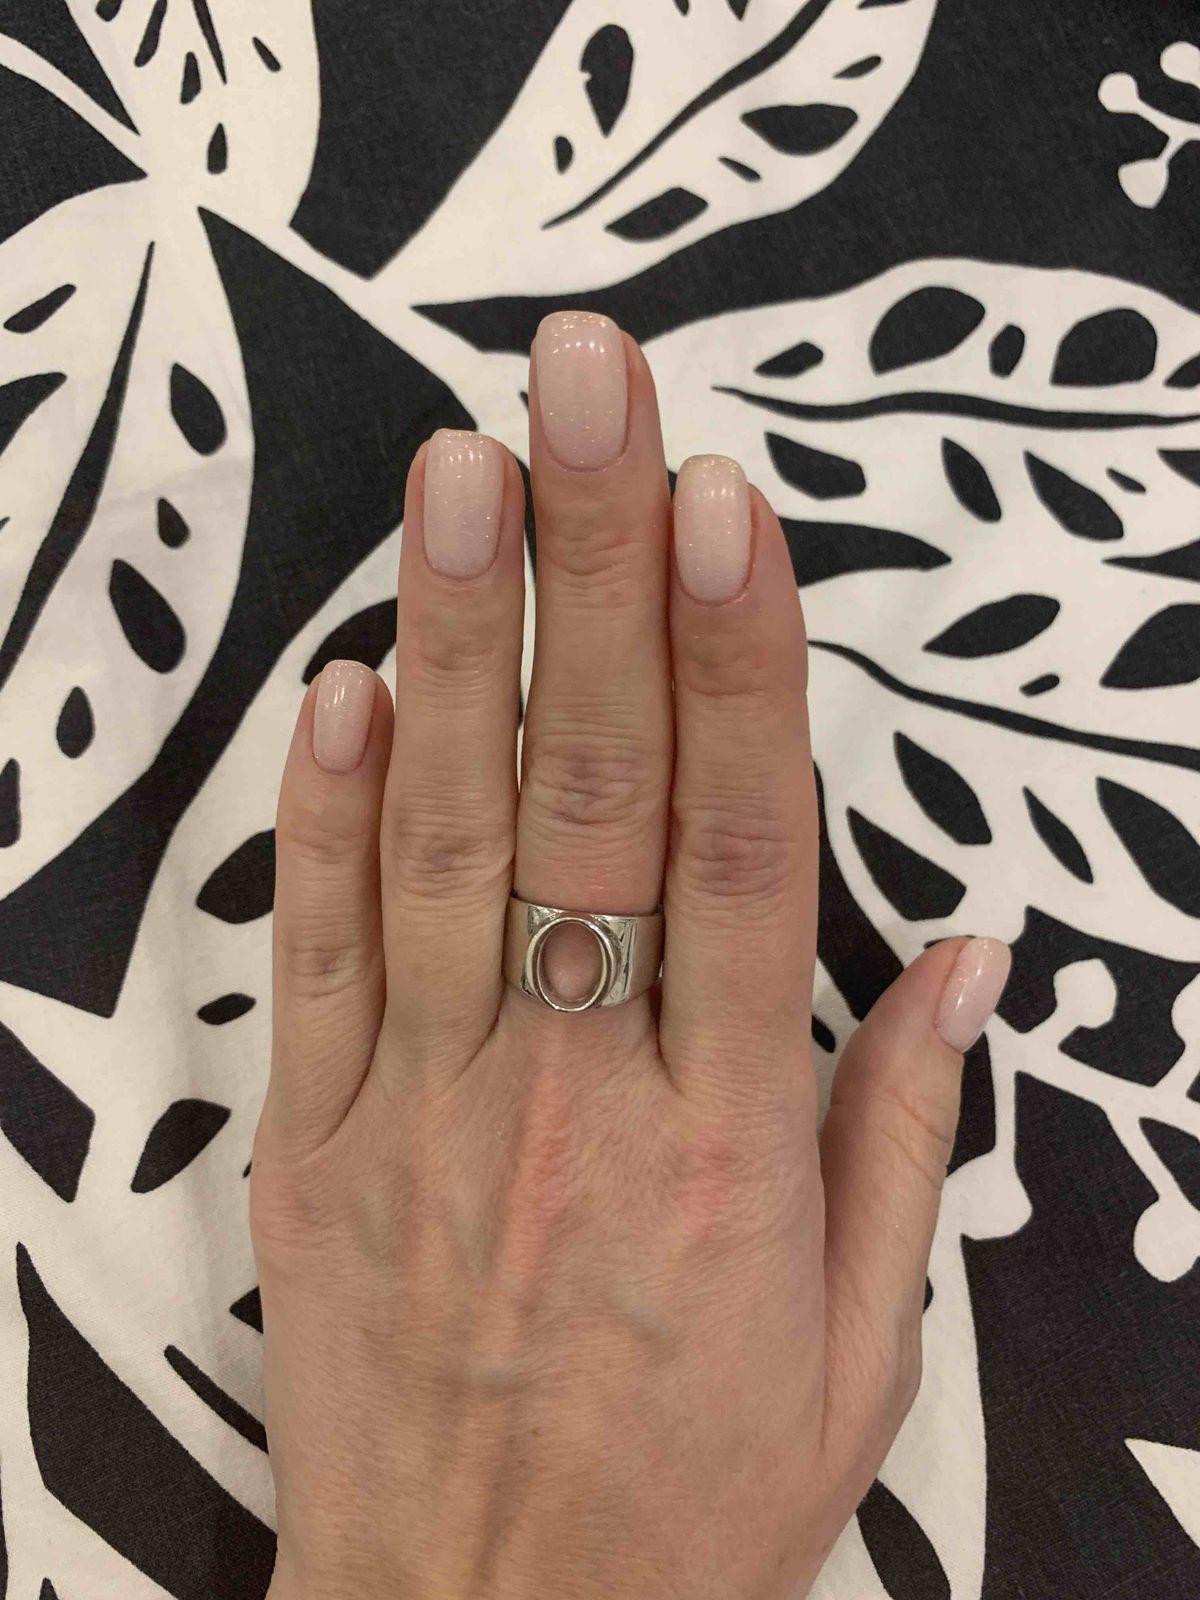 Кольцо с одной стороны простое, но в то же время и интересное.